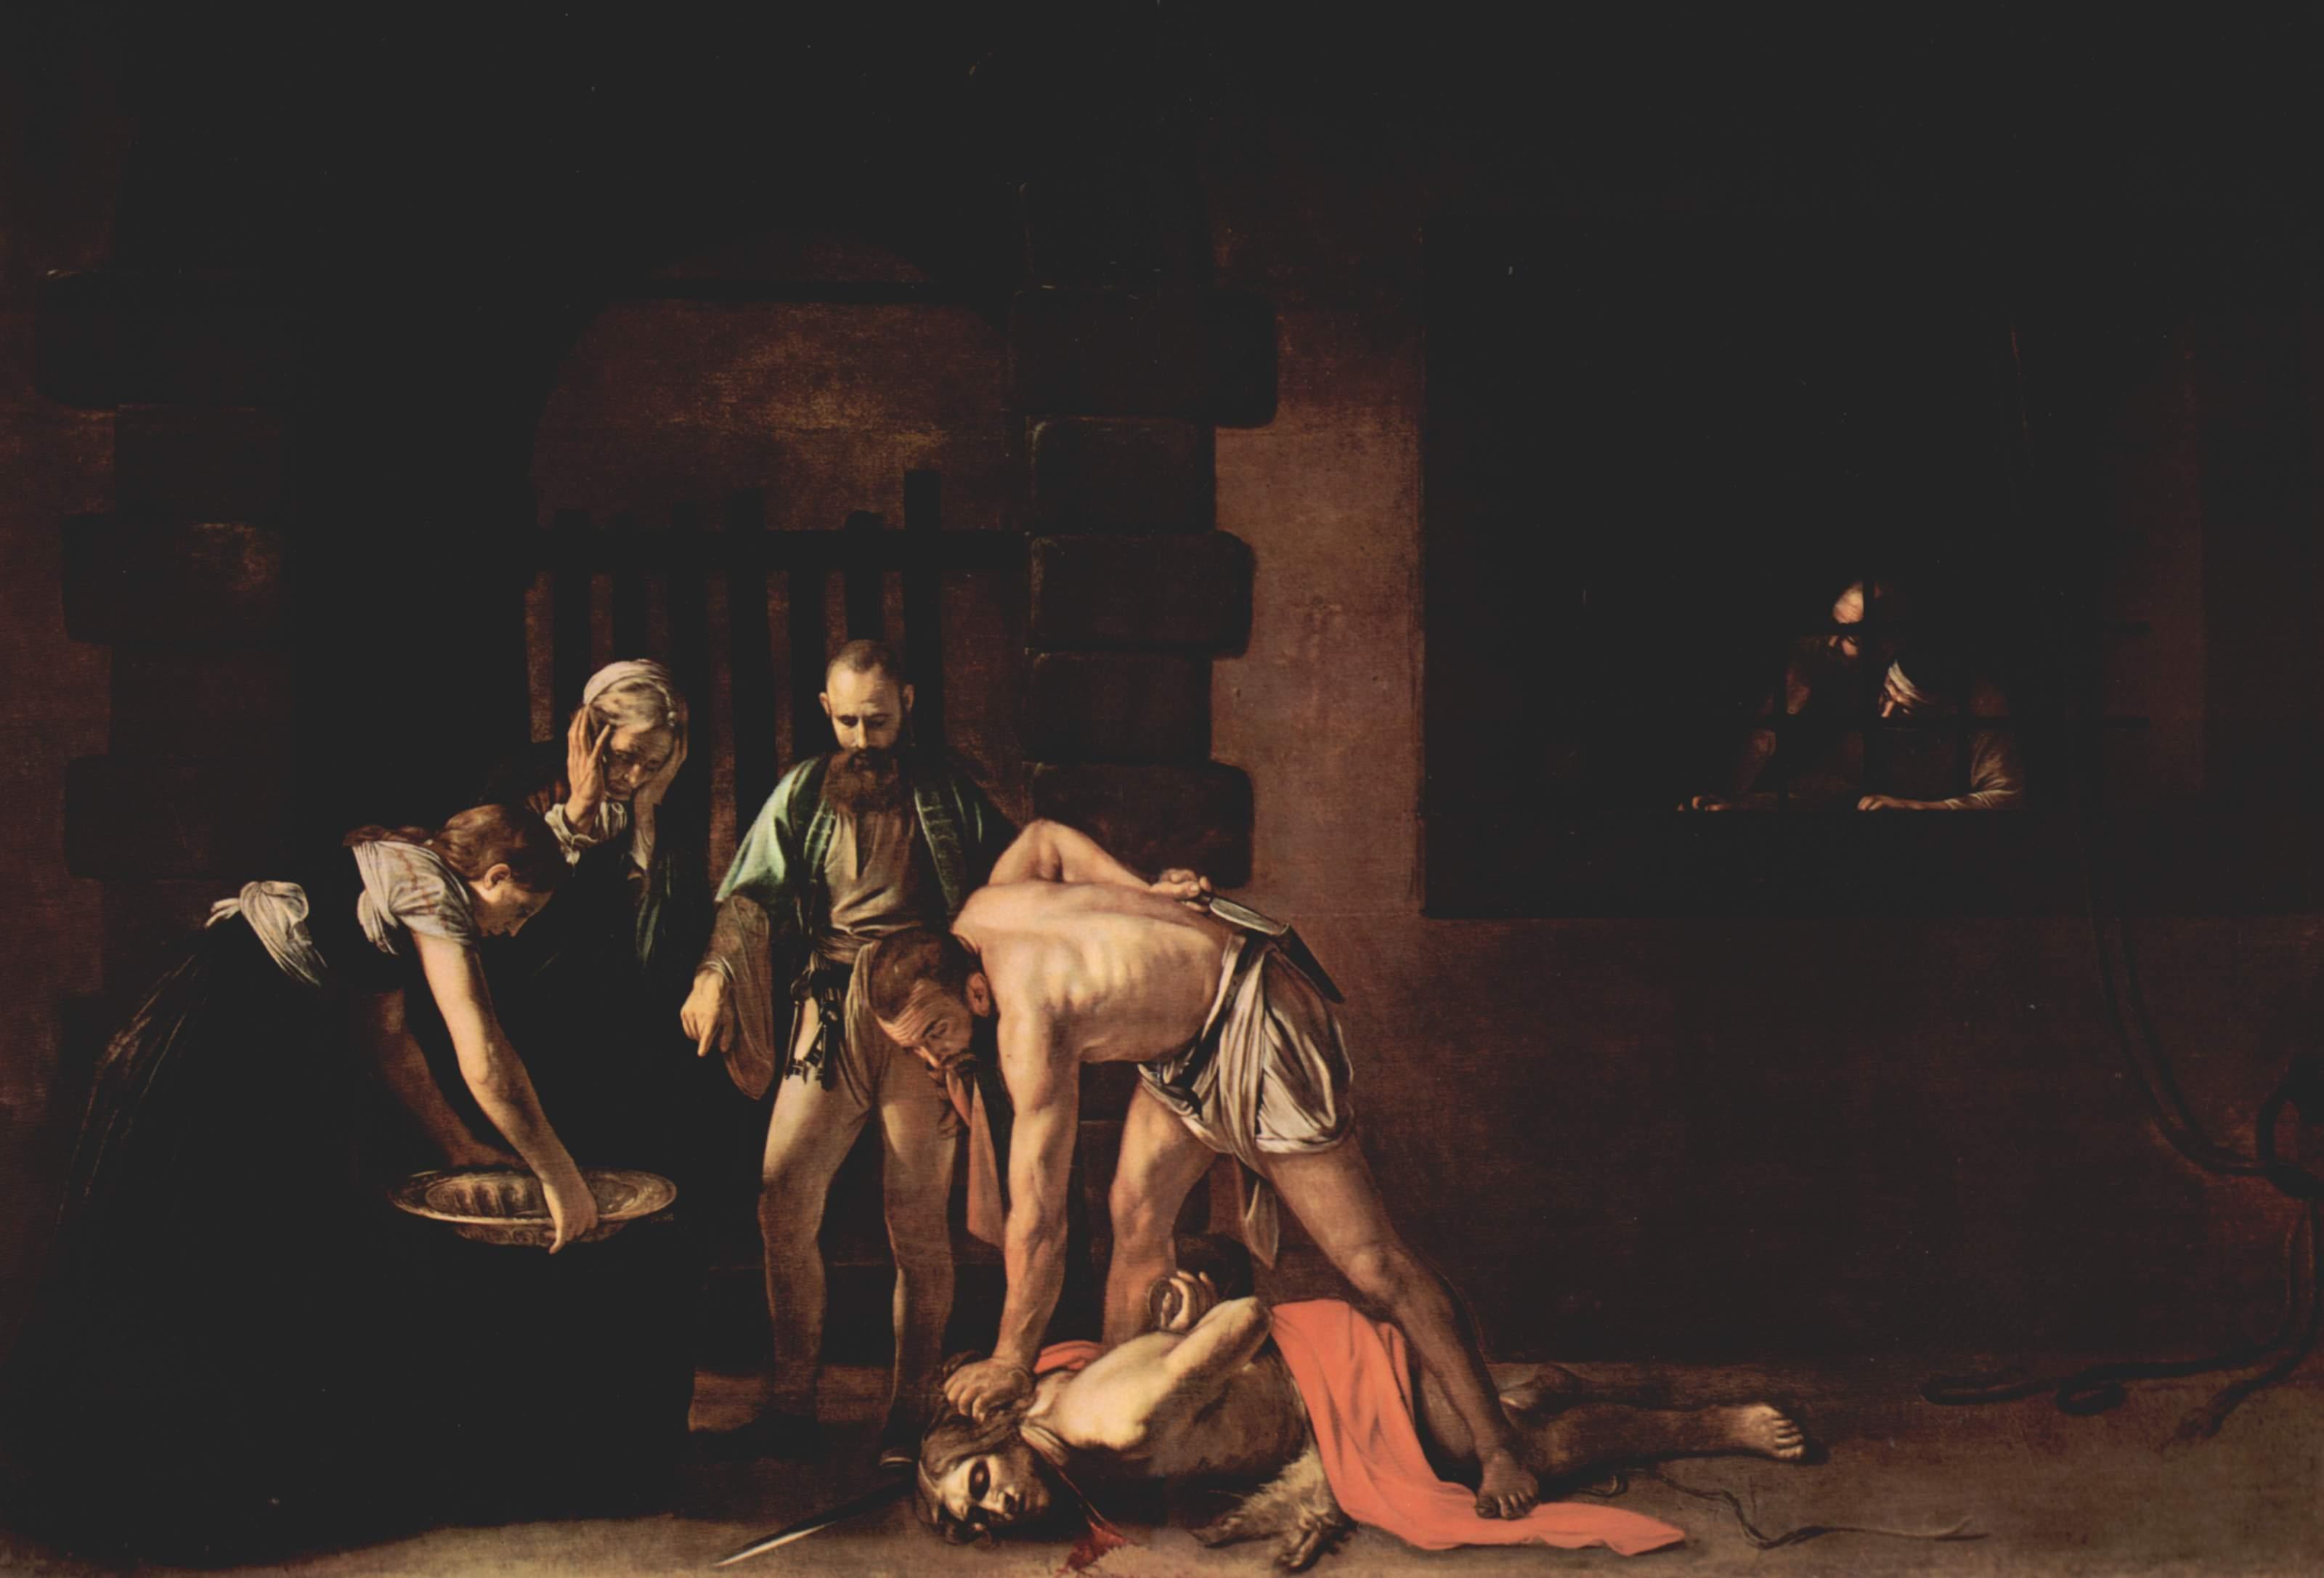 Усекновение главы Иоанна Крестителя. Караваджо. 1608. Усекновение главы Иоанна Предтечи